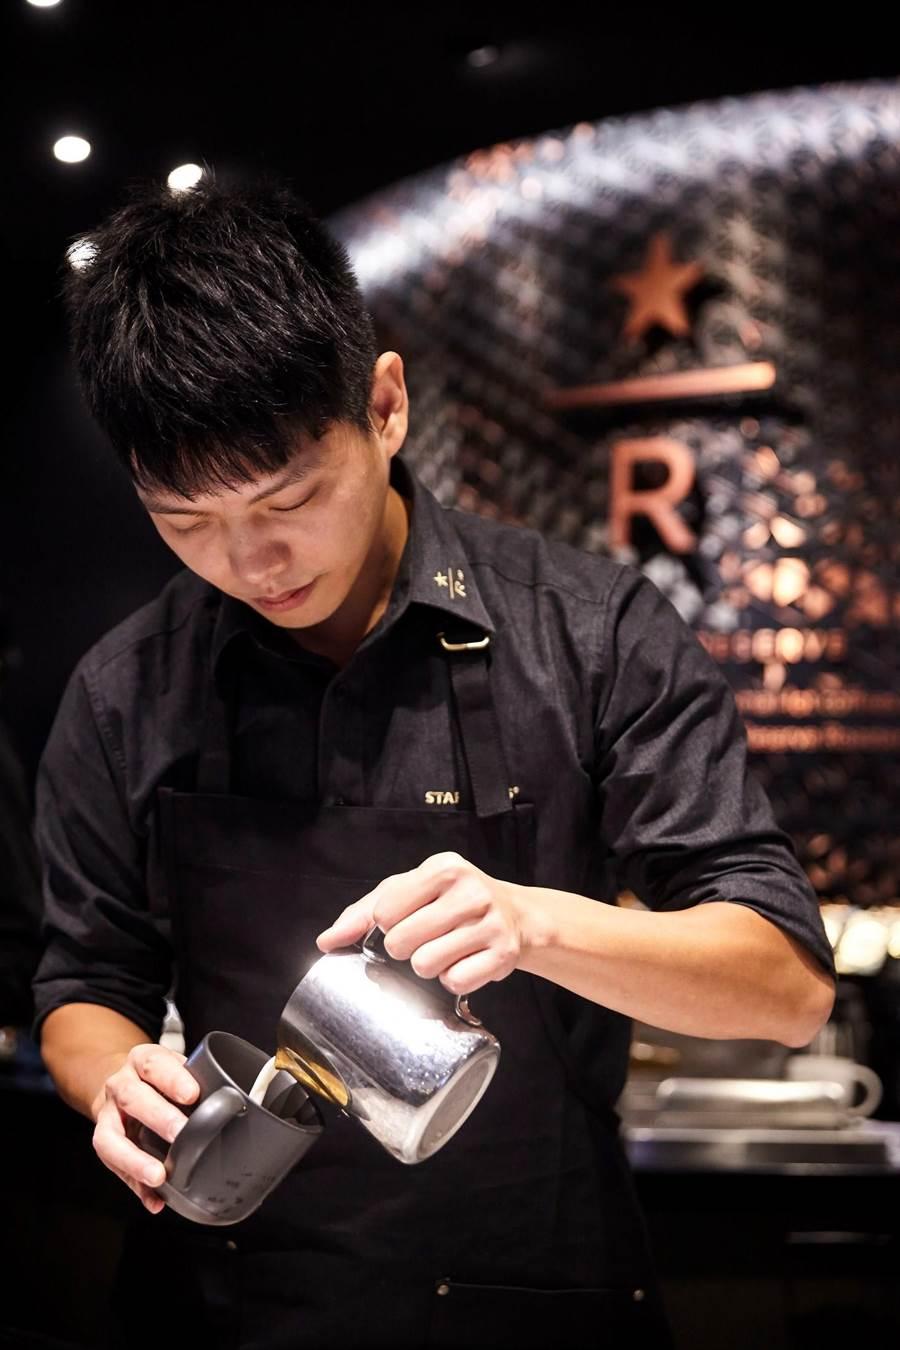 星巴克咖啡大師現場製作咖啡飲品。(圖片提供/星巴克)